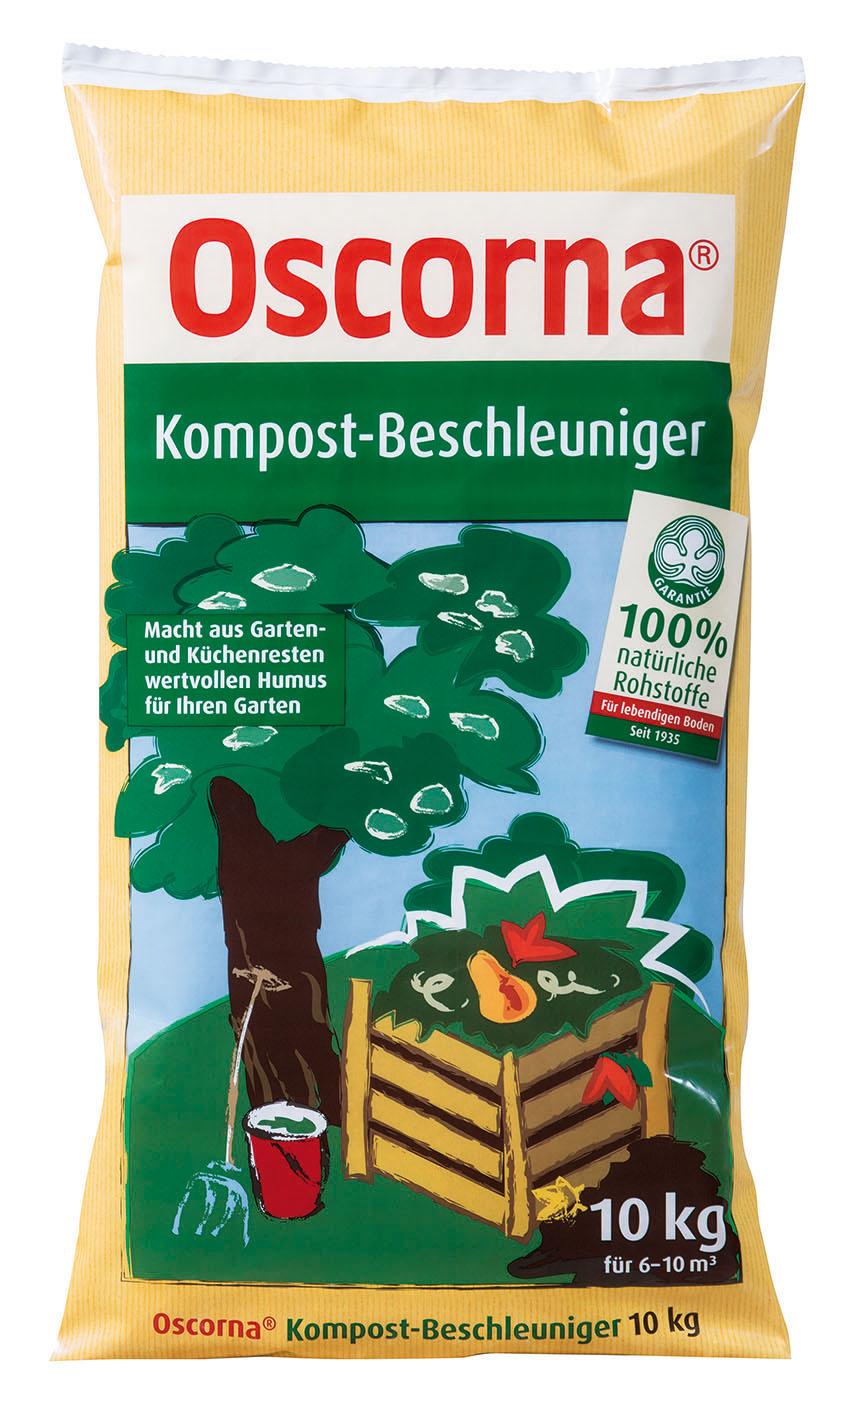 oscorna kompost beschleuniger 10 kg oleandershop. Black Bedroom Furniture Sets. Home Design Ideas